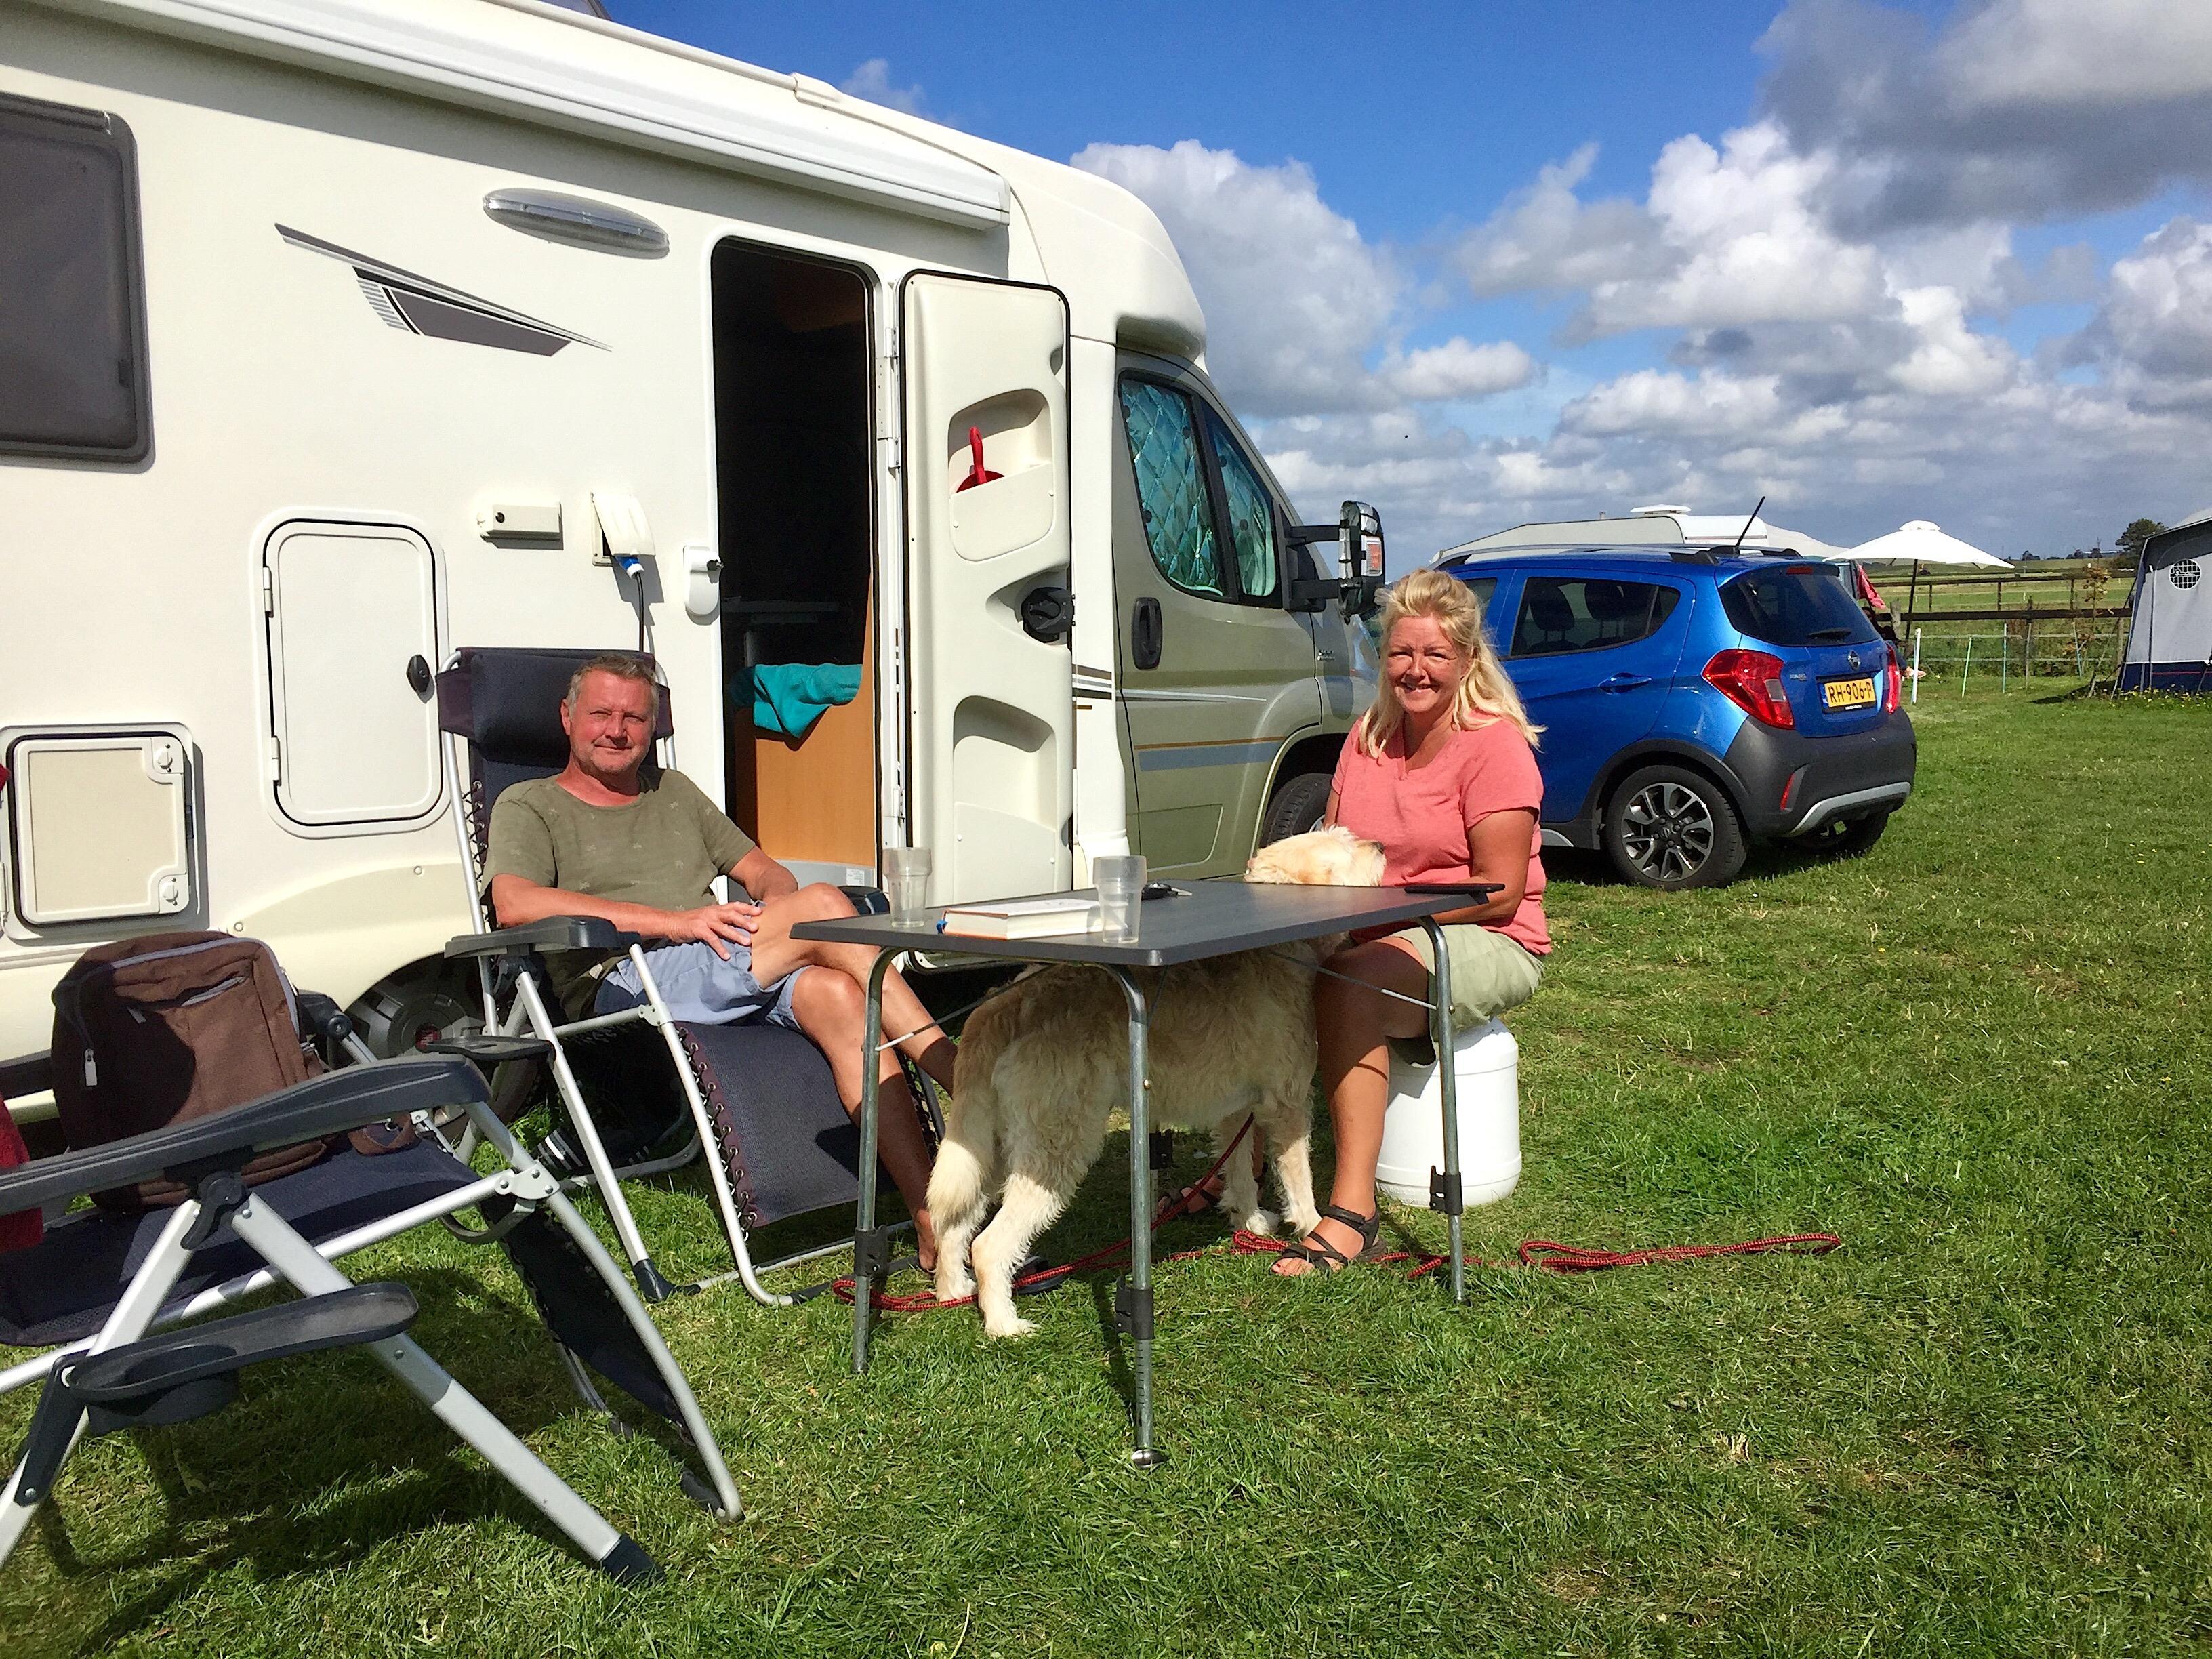 Onderweg: Leonie en Erik Berkman uit Alkmaar kamperen bij Boer Mekken in Camperduin. Simpel, maar prima